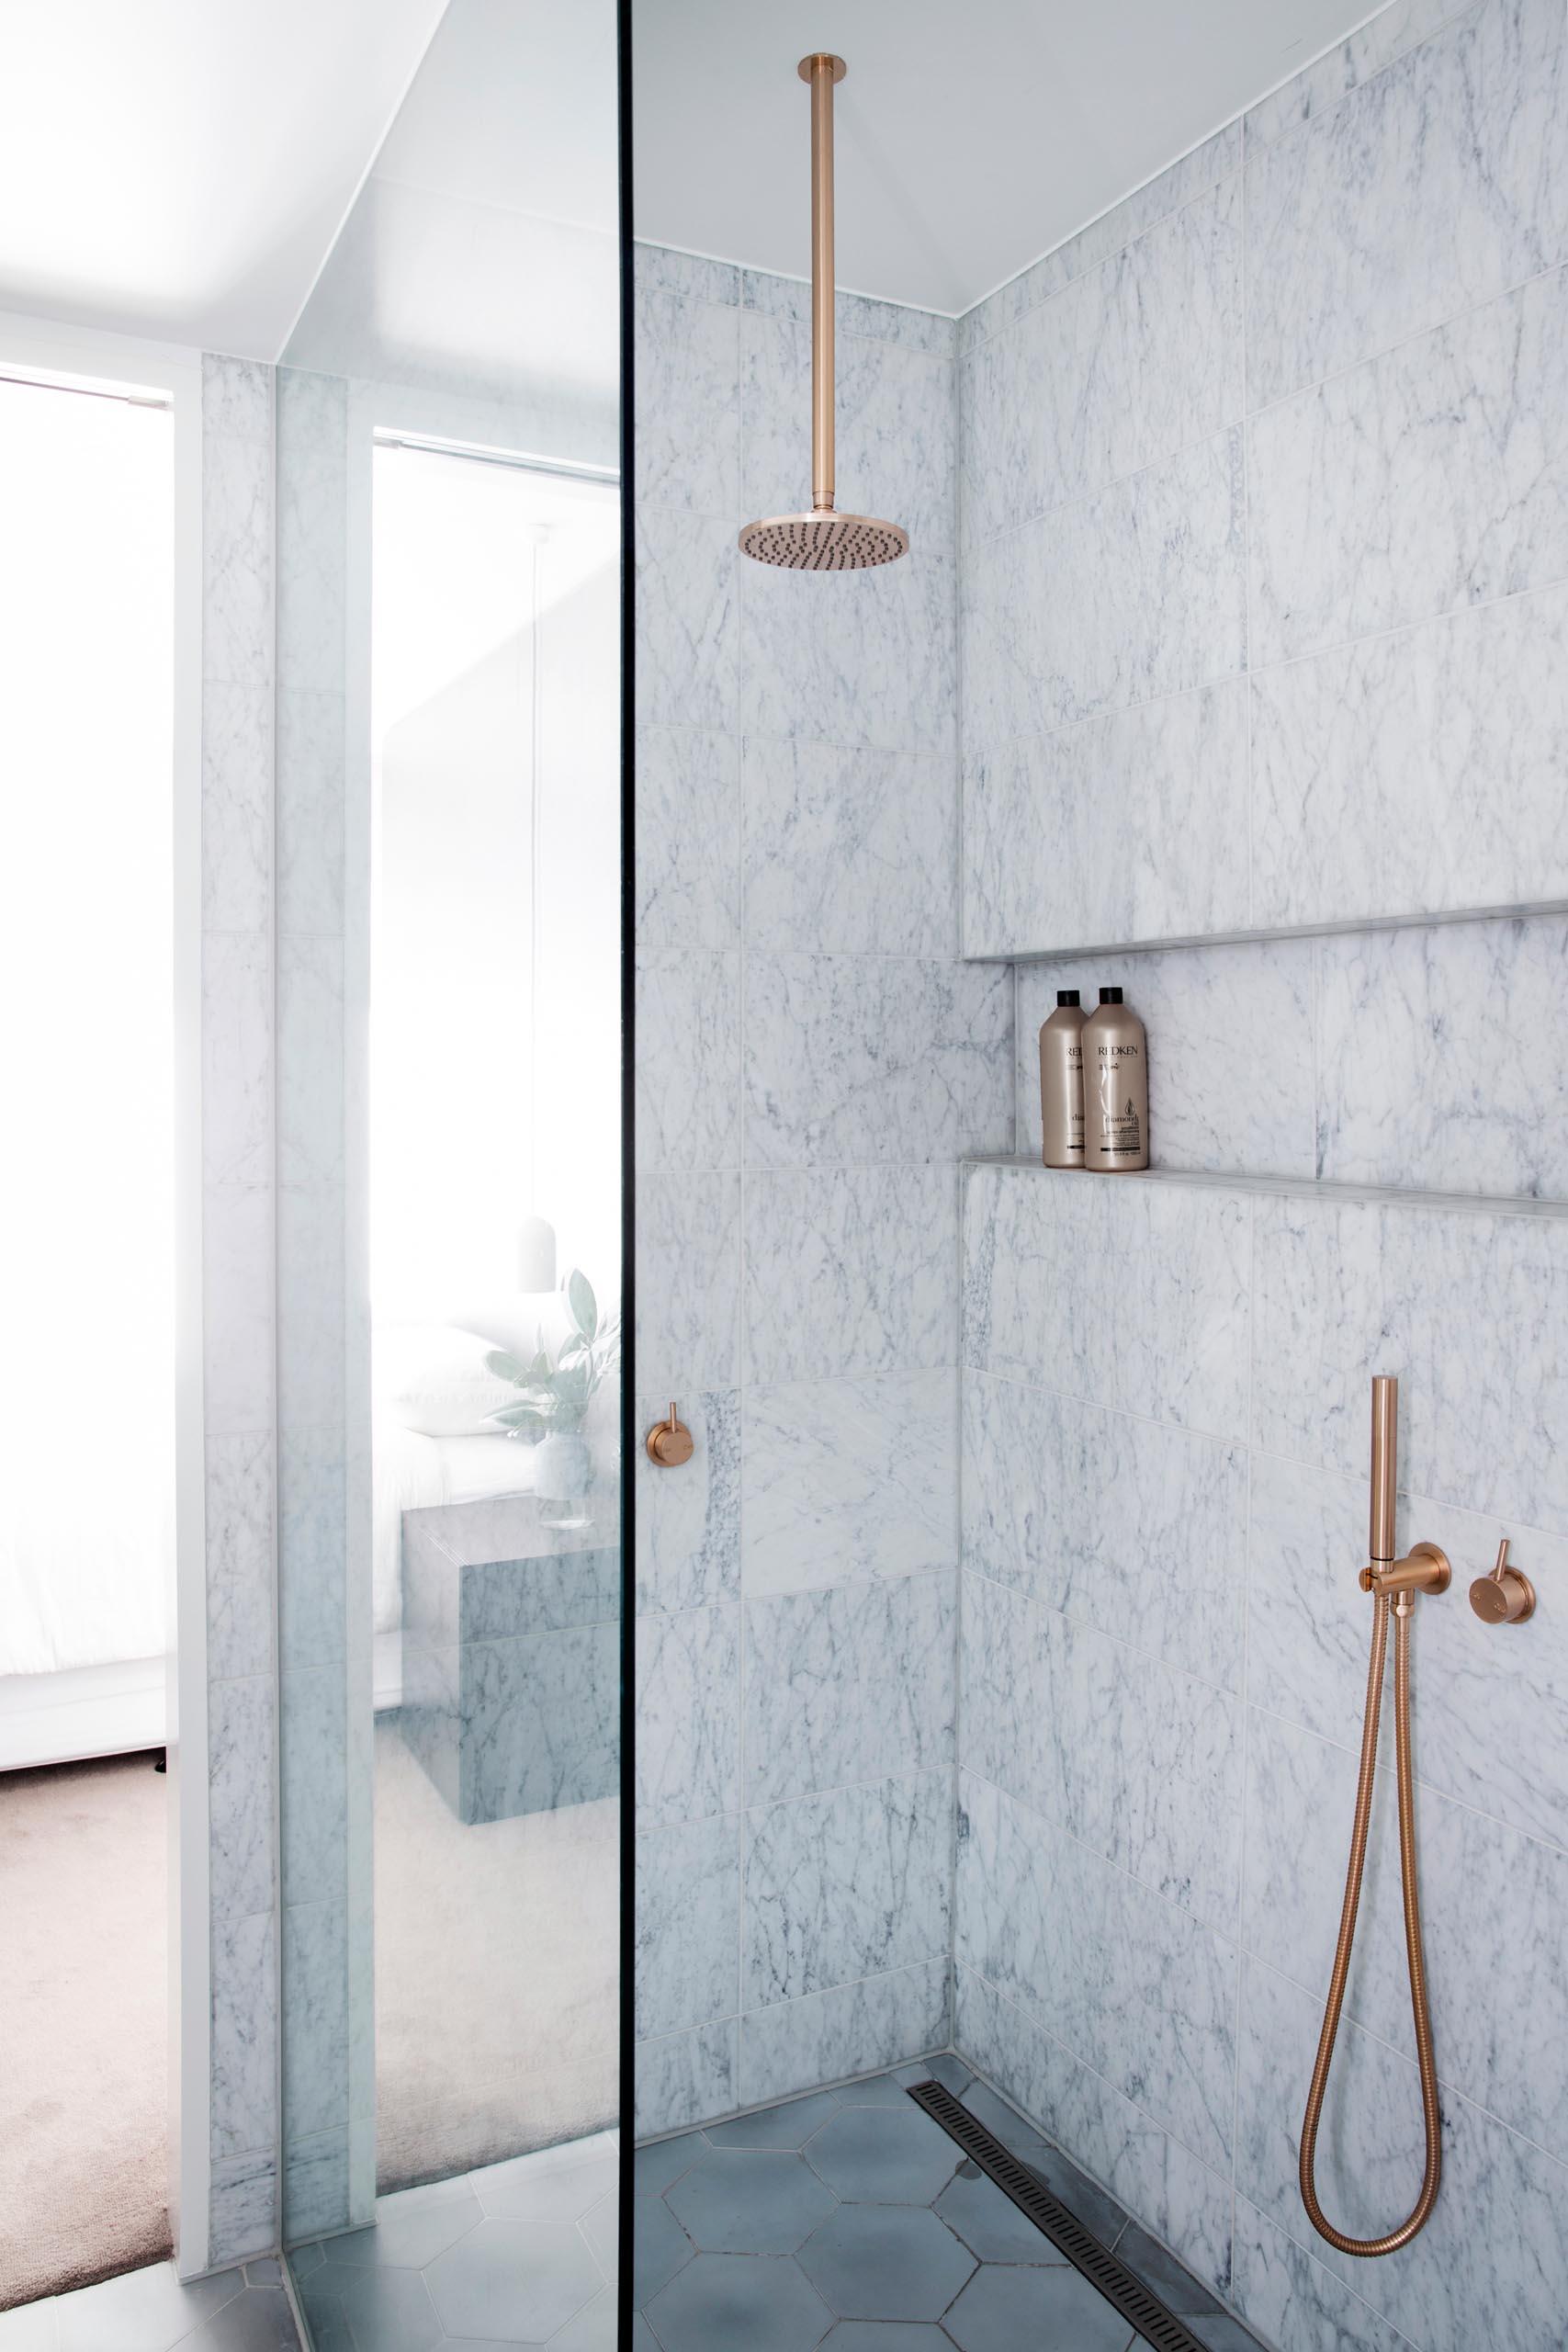 De hexagon en marmeren tegels geven deze ensuite badkamer een rustgevende sfeer